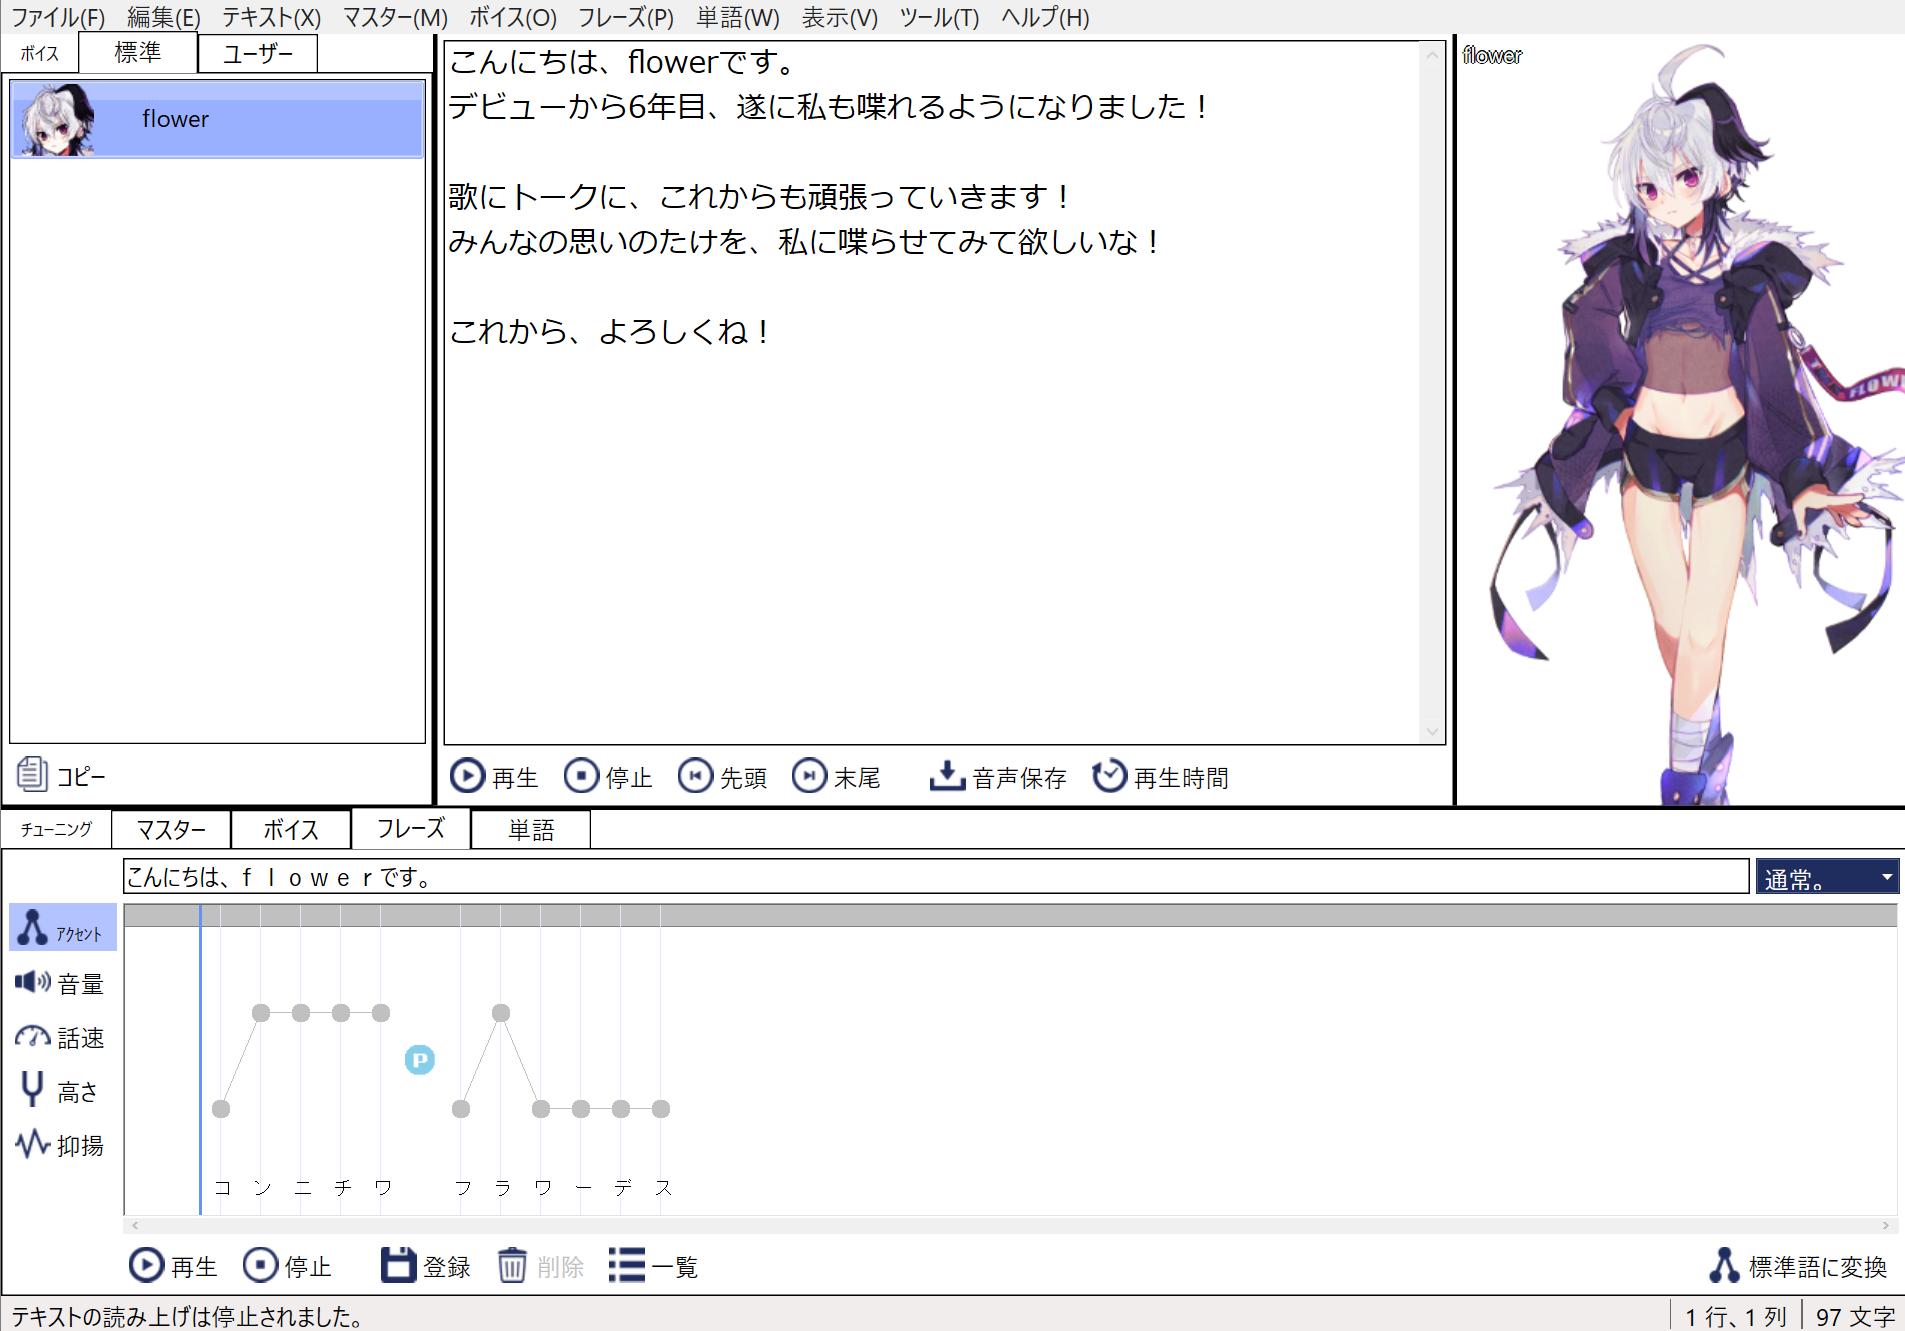 flowerTalk_screen